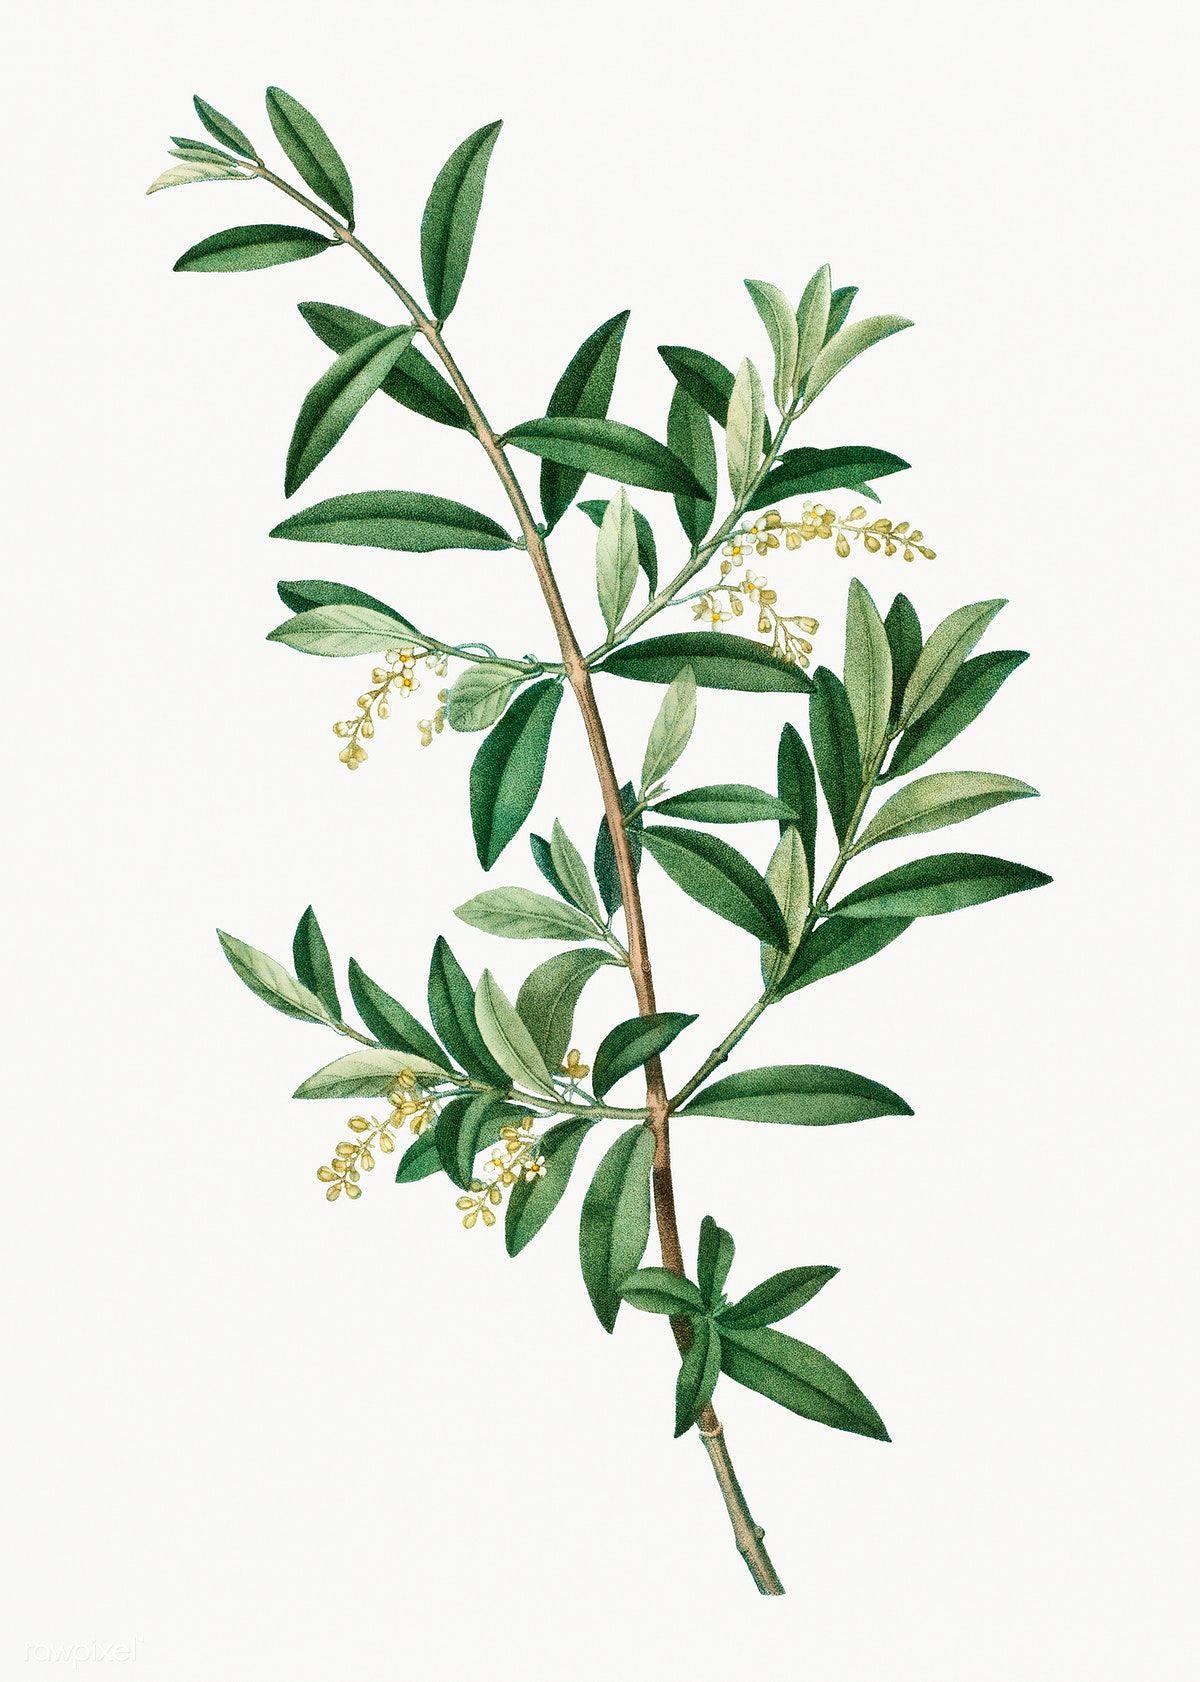 Download Premium Illustration Of Vintage Green Olive Branch Plant Botanical Illustration Vintage Plant Illustration Leaves Illustration